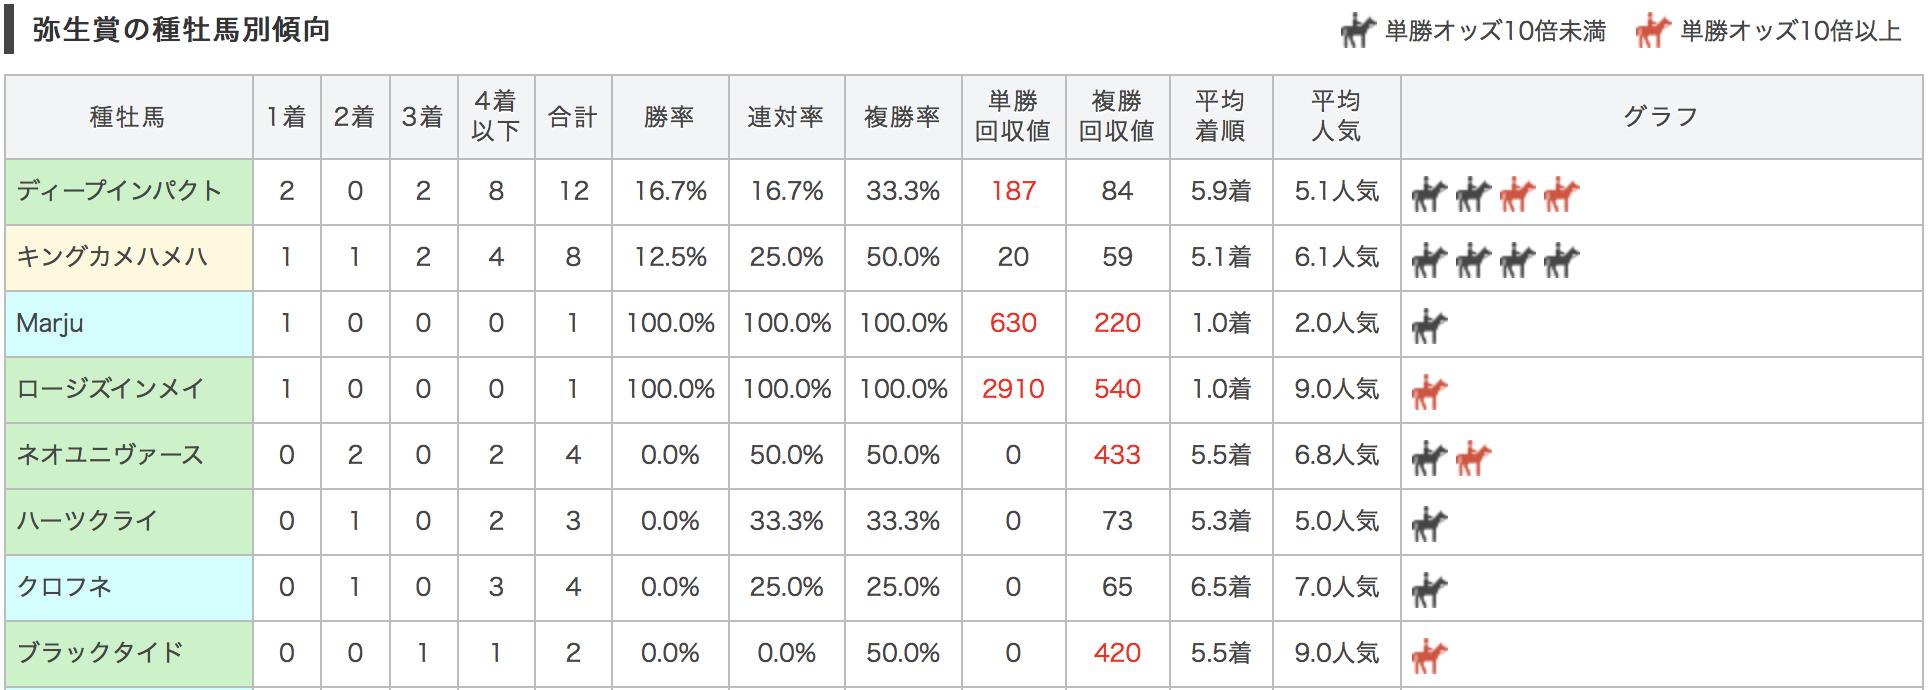 弥生賞2017種牡馬別データ